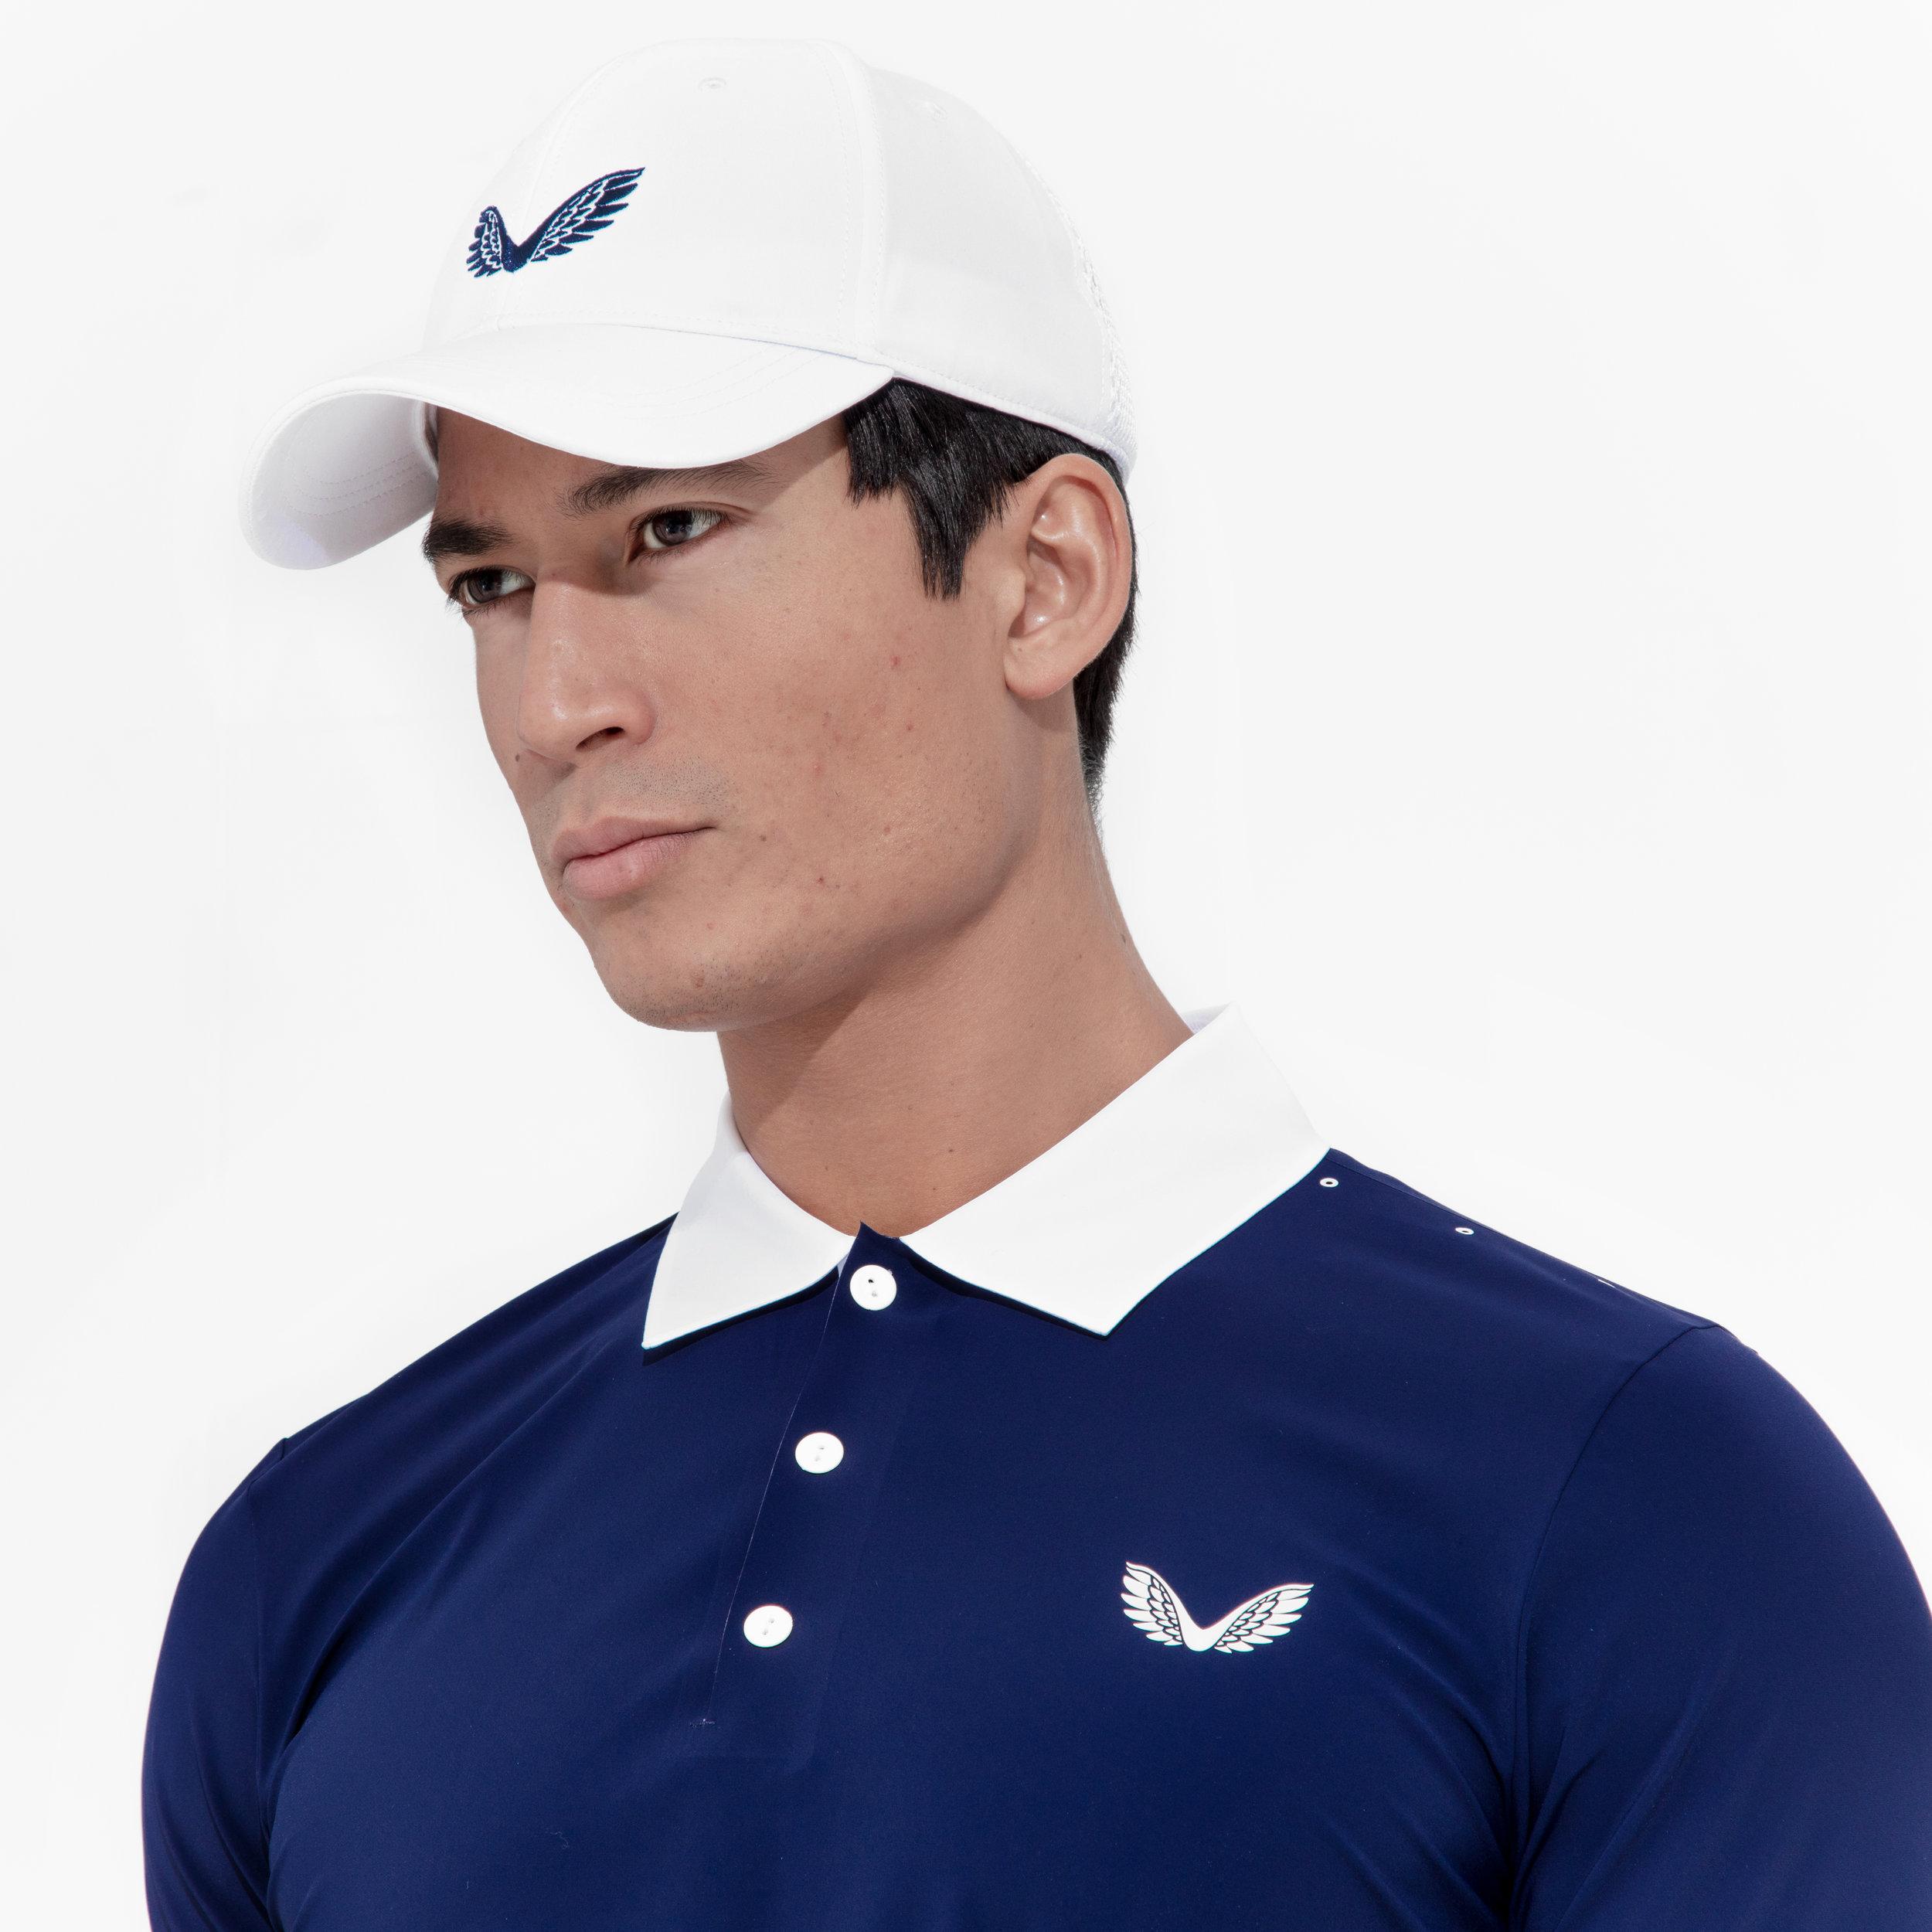 Castore Sportswear